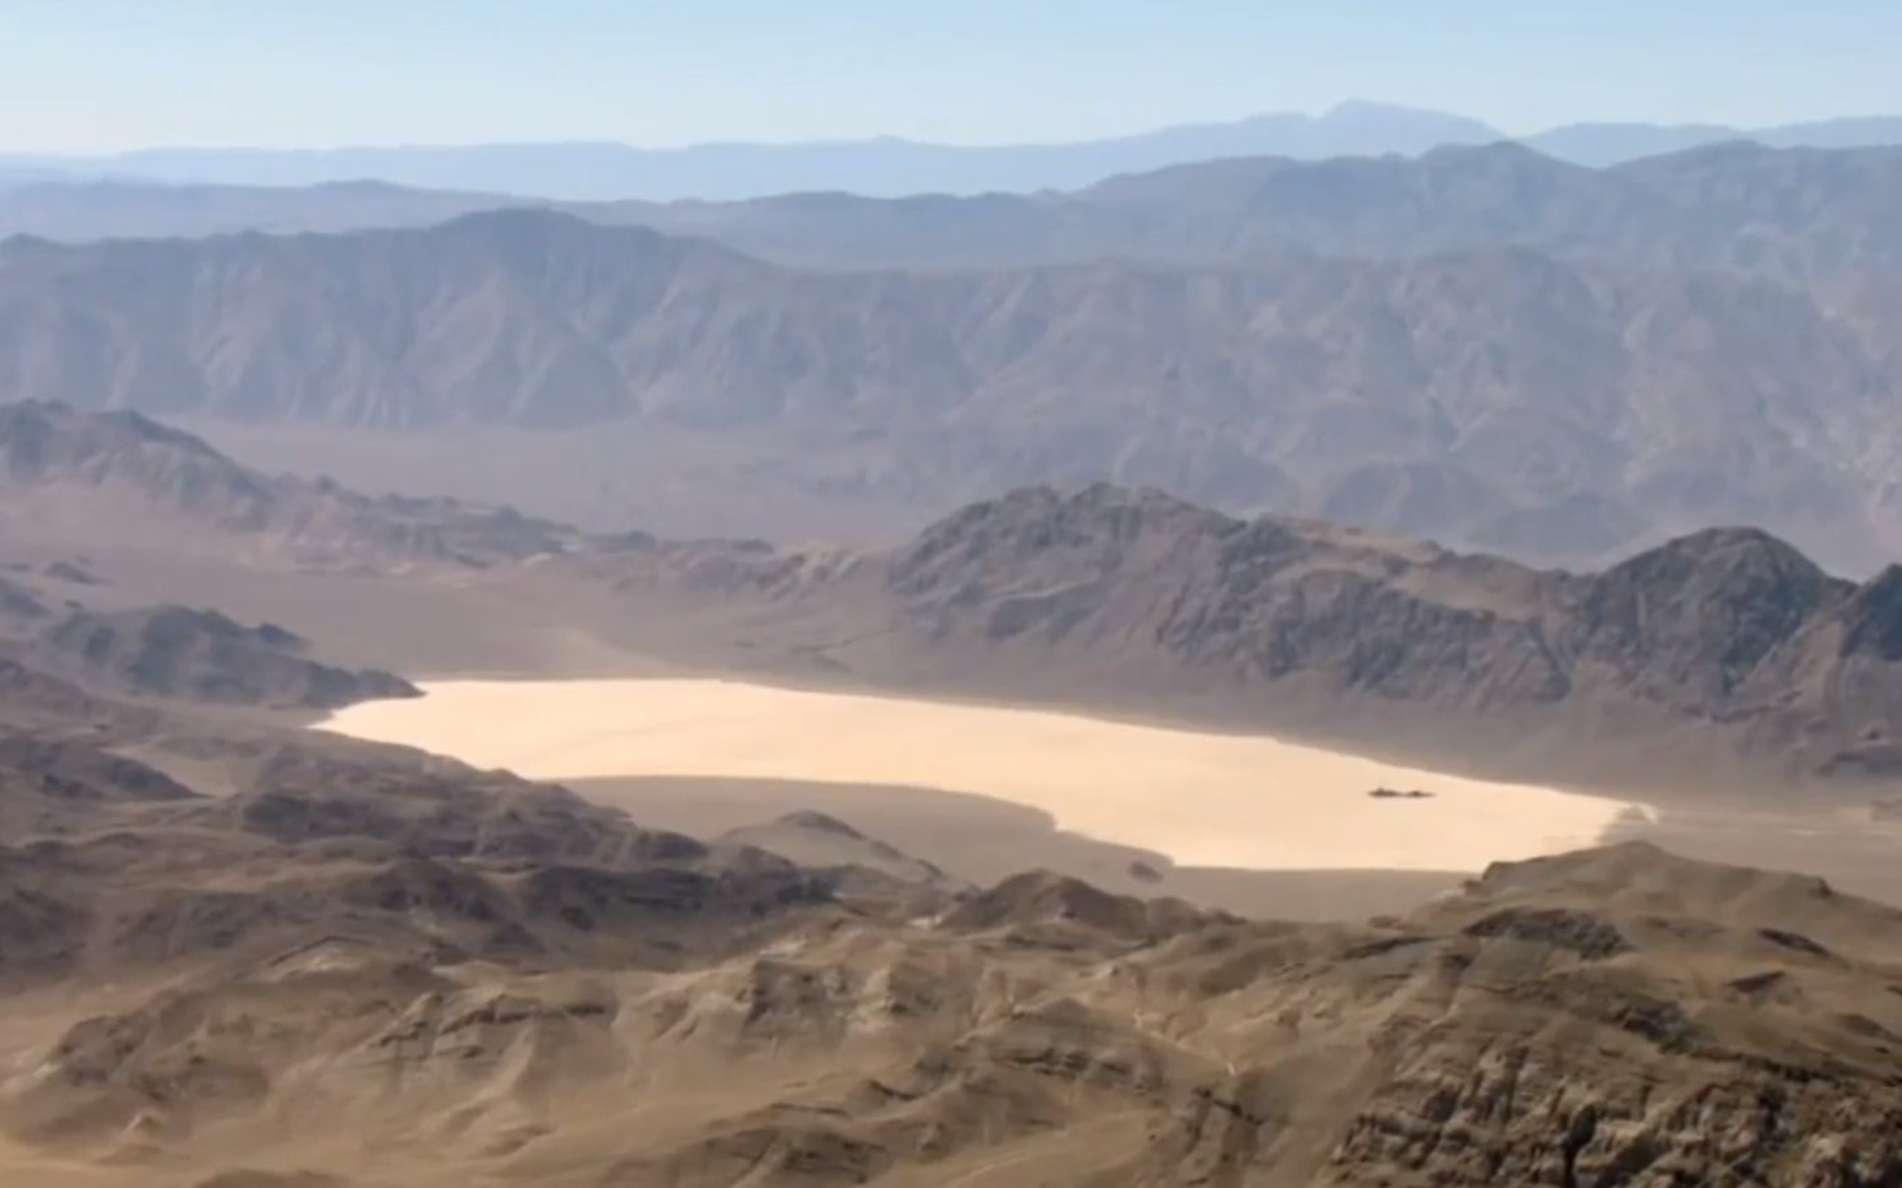 Le lac asséché de manière saisonnière Racetrack Playa, dans le parc national de la vallée de la Mort, en Californie, est une zone plate, à plus de 1.100 m d'altitude, dans une région désertique. Le phénomène du déplacement des pierres est connu depuis un siècle, et la présence de la célèbre zone 51 (dans le Nevada), utilisée pour des essais d'avions militaires, a donné lieu à des hypothèses fantaisistes. © Tahoenathan, cc by nc sa 3.0